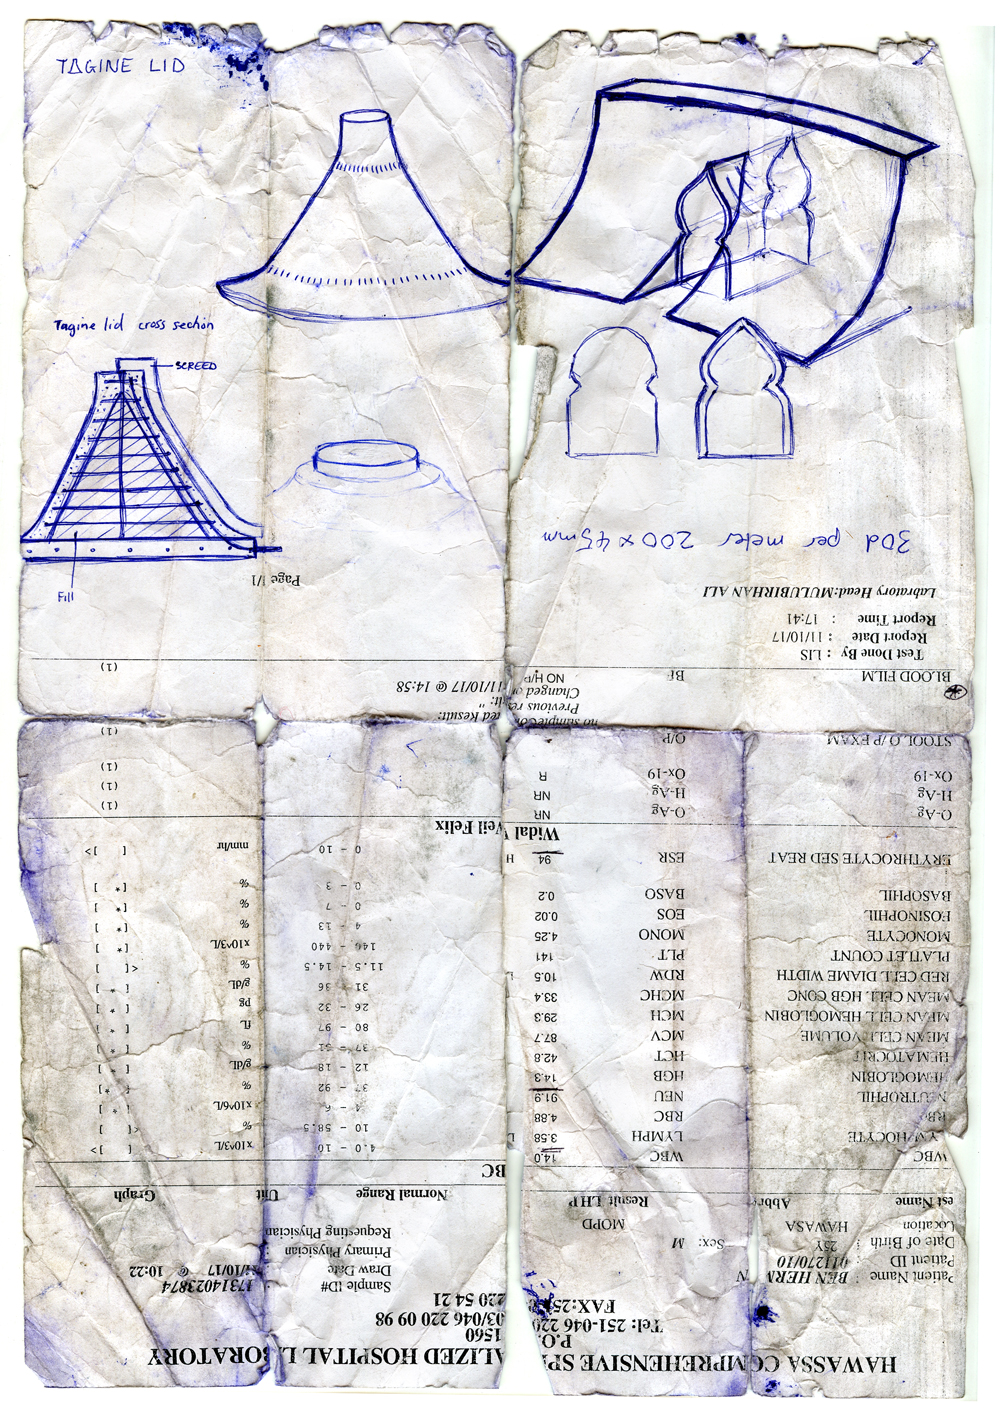 High tech blueprints